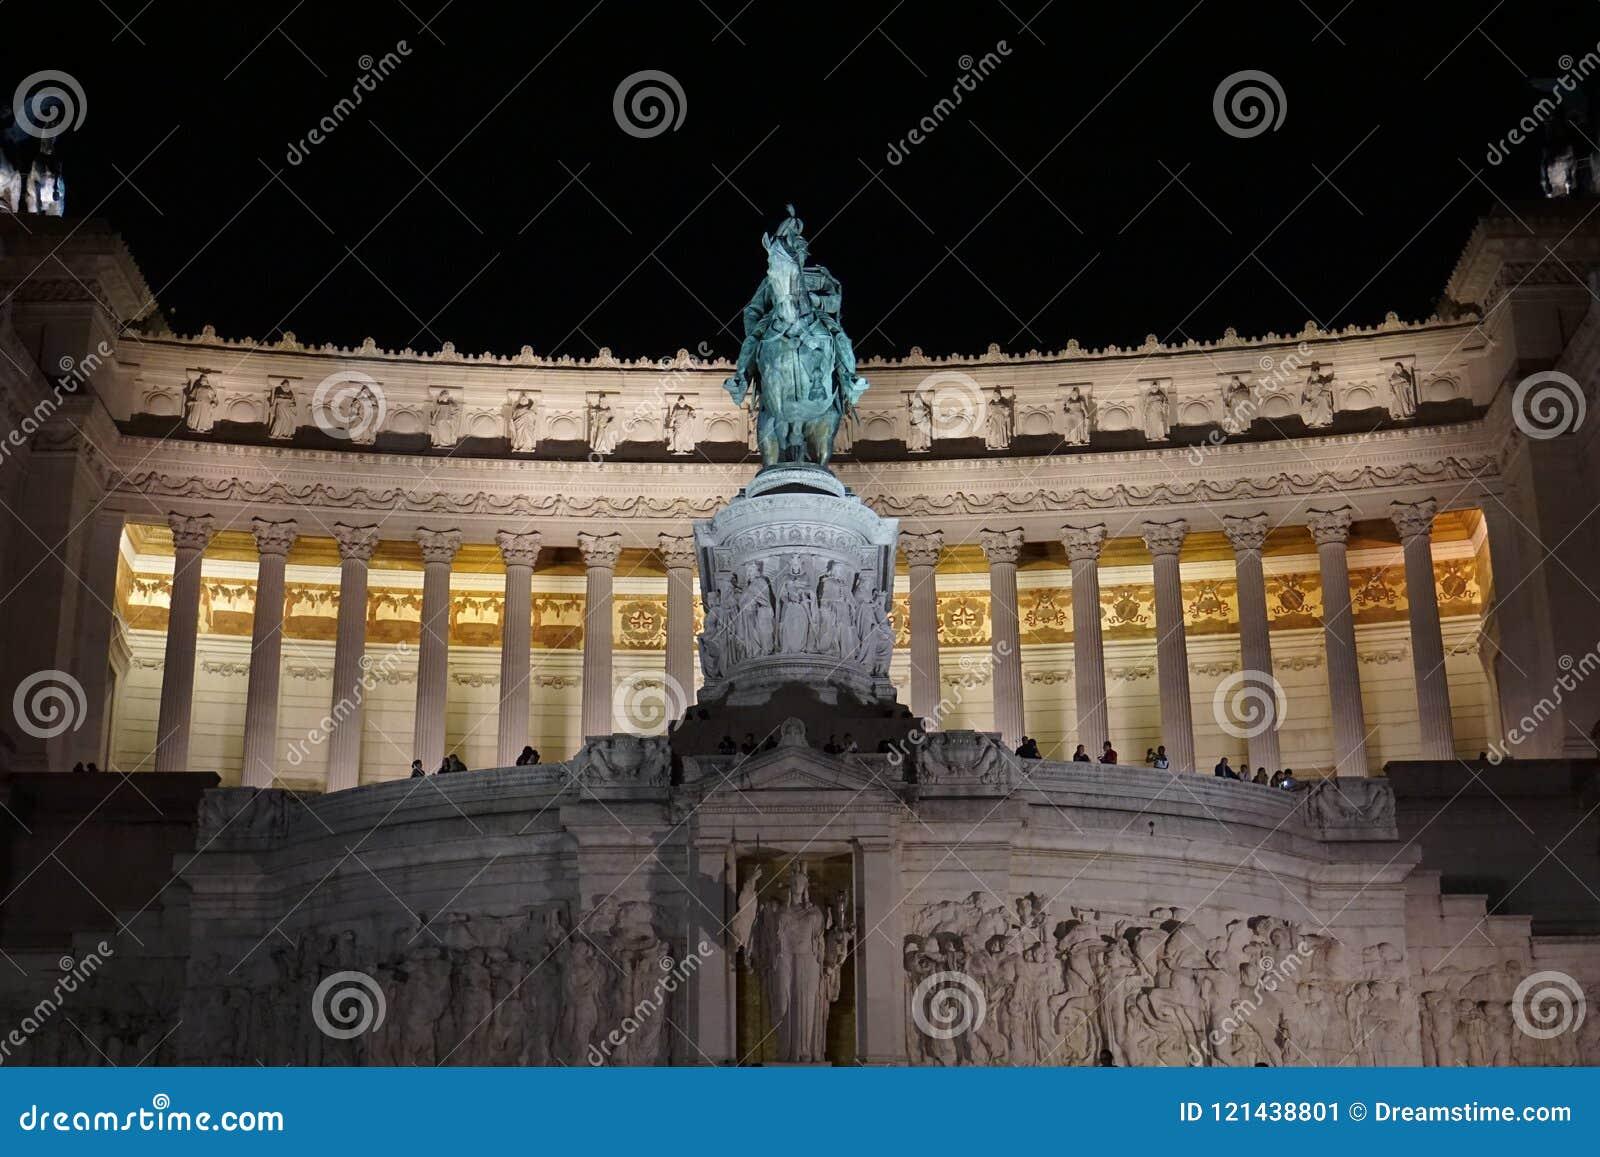 Altare della Patria - Rome - Italien